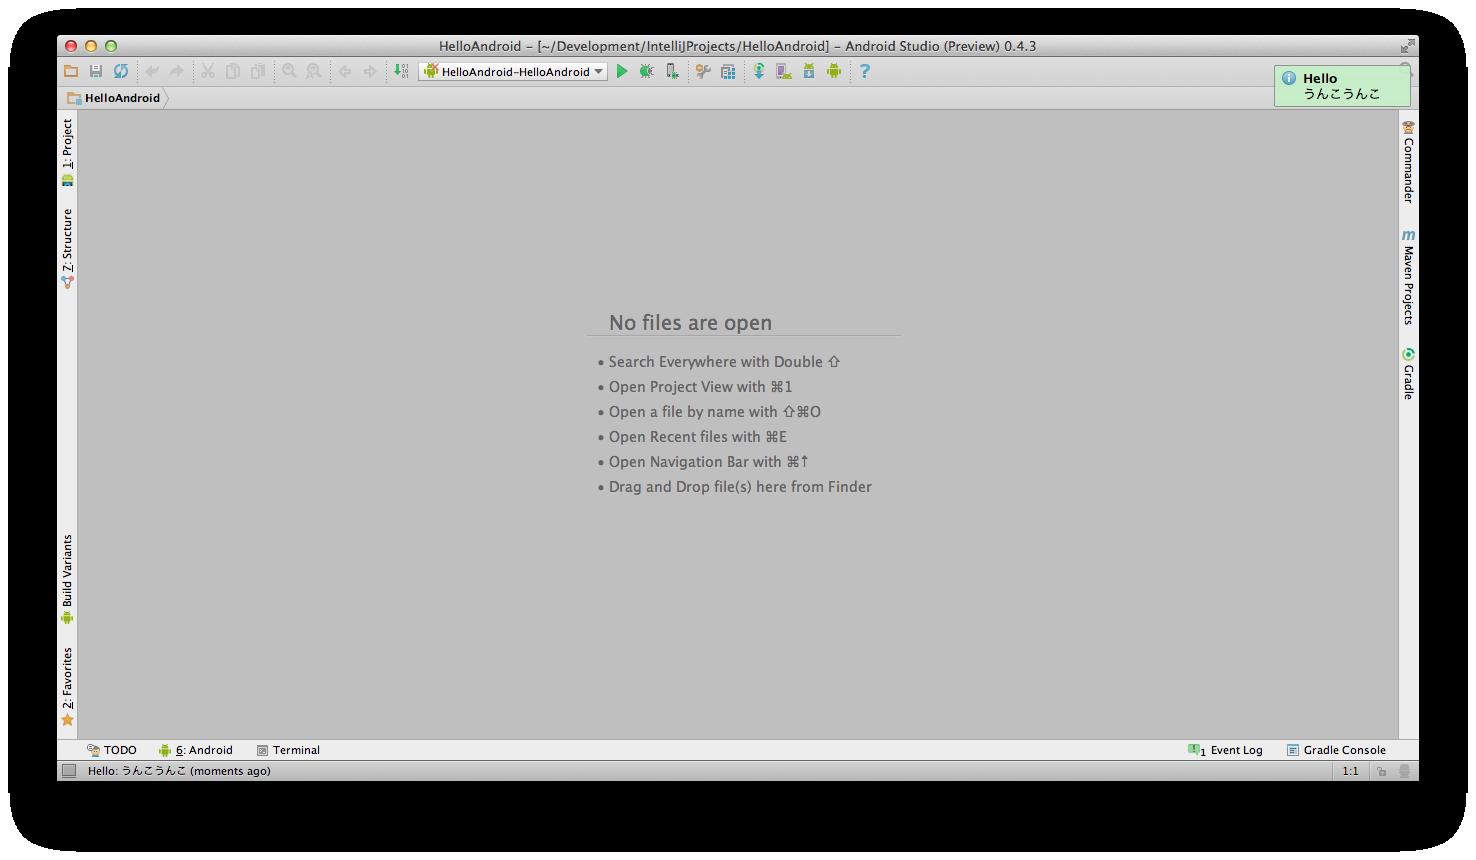 Screen Shot 2014-02-05 at 19.09.11